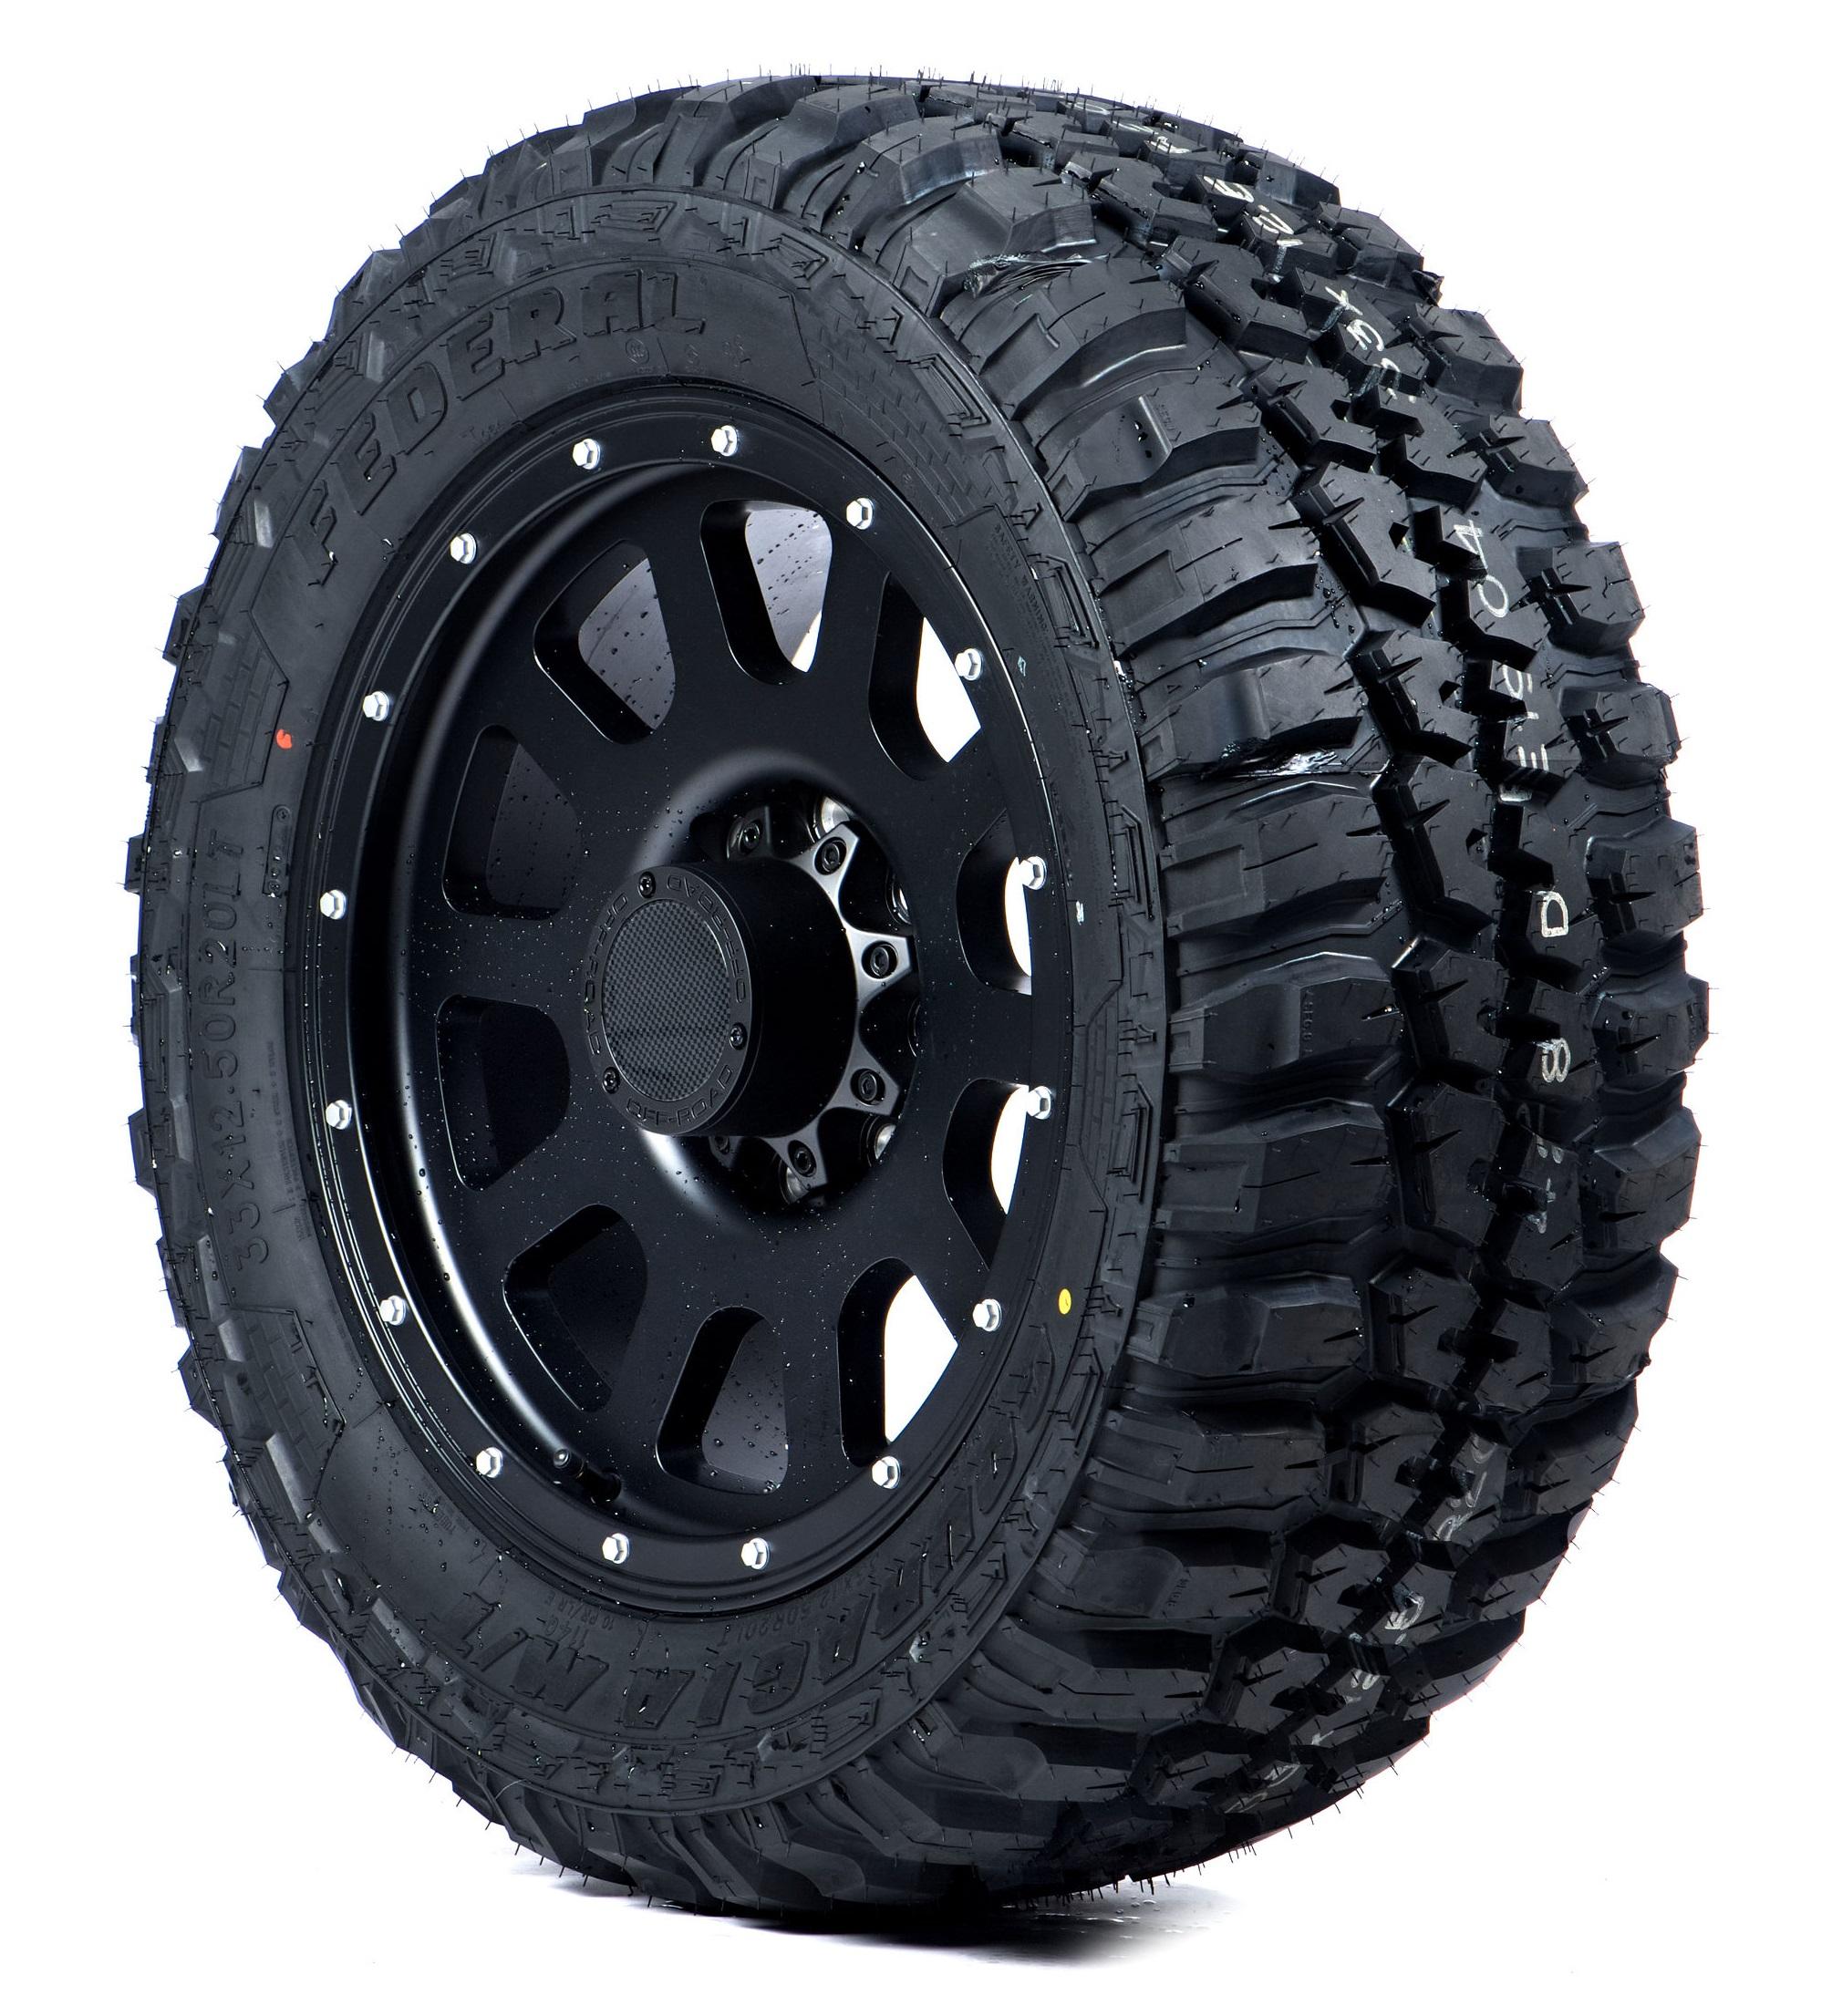 Federal Couragia M/T Mud Terrain Tire - 35X12.50R17 125Q E (10 Ply)